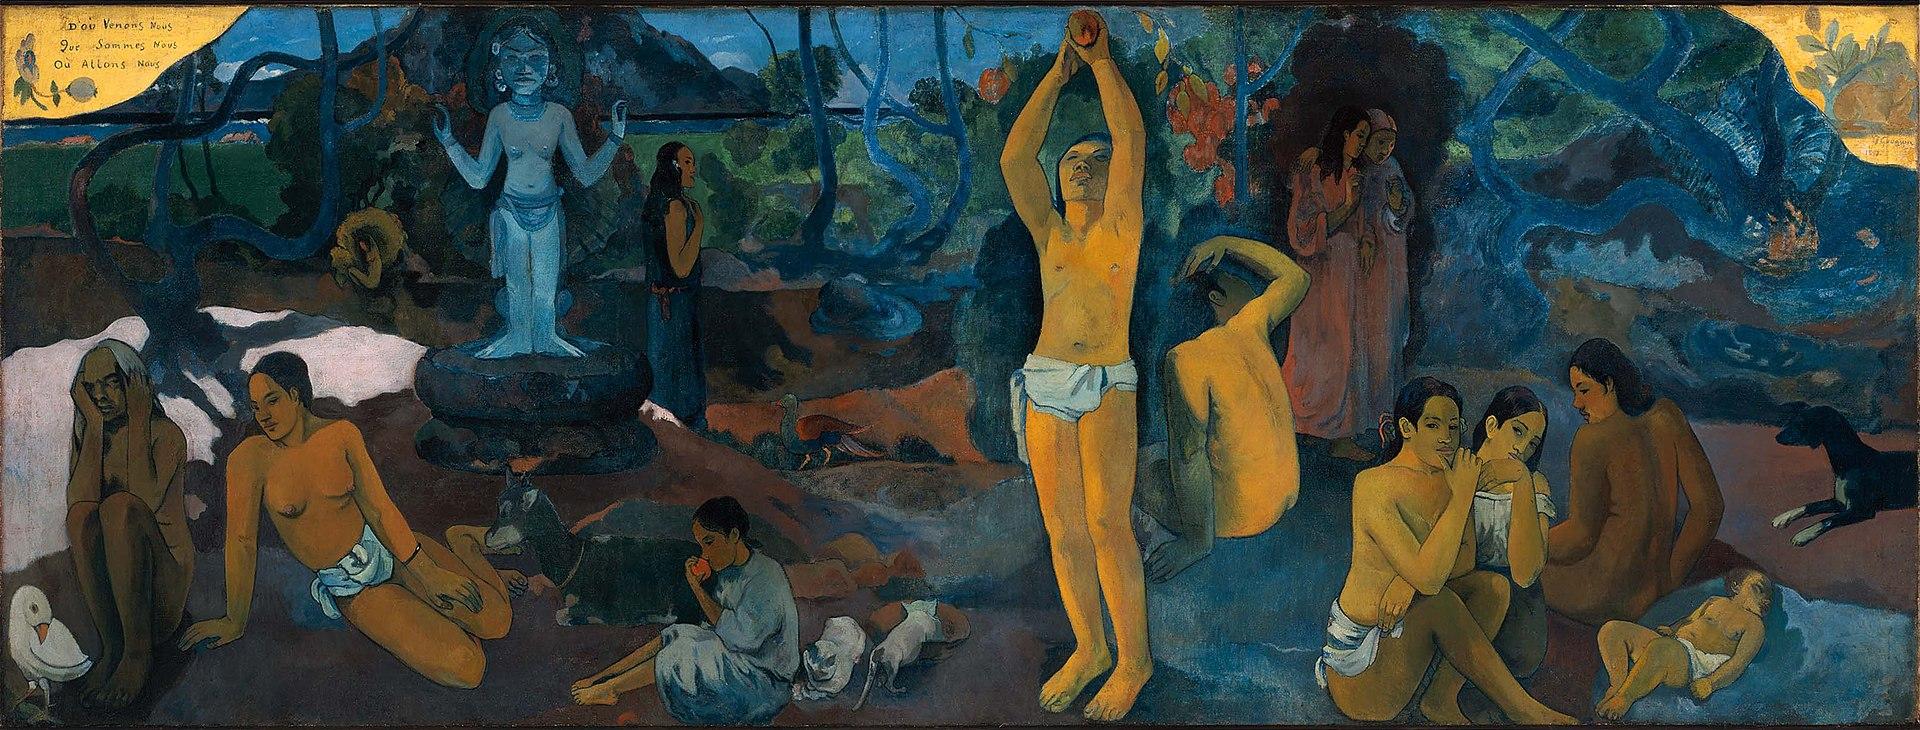 D'où venons-nous? Que sommes-nous? Où allons-nous?      by Paul Gauguin, 1897‒1898.